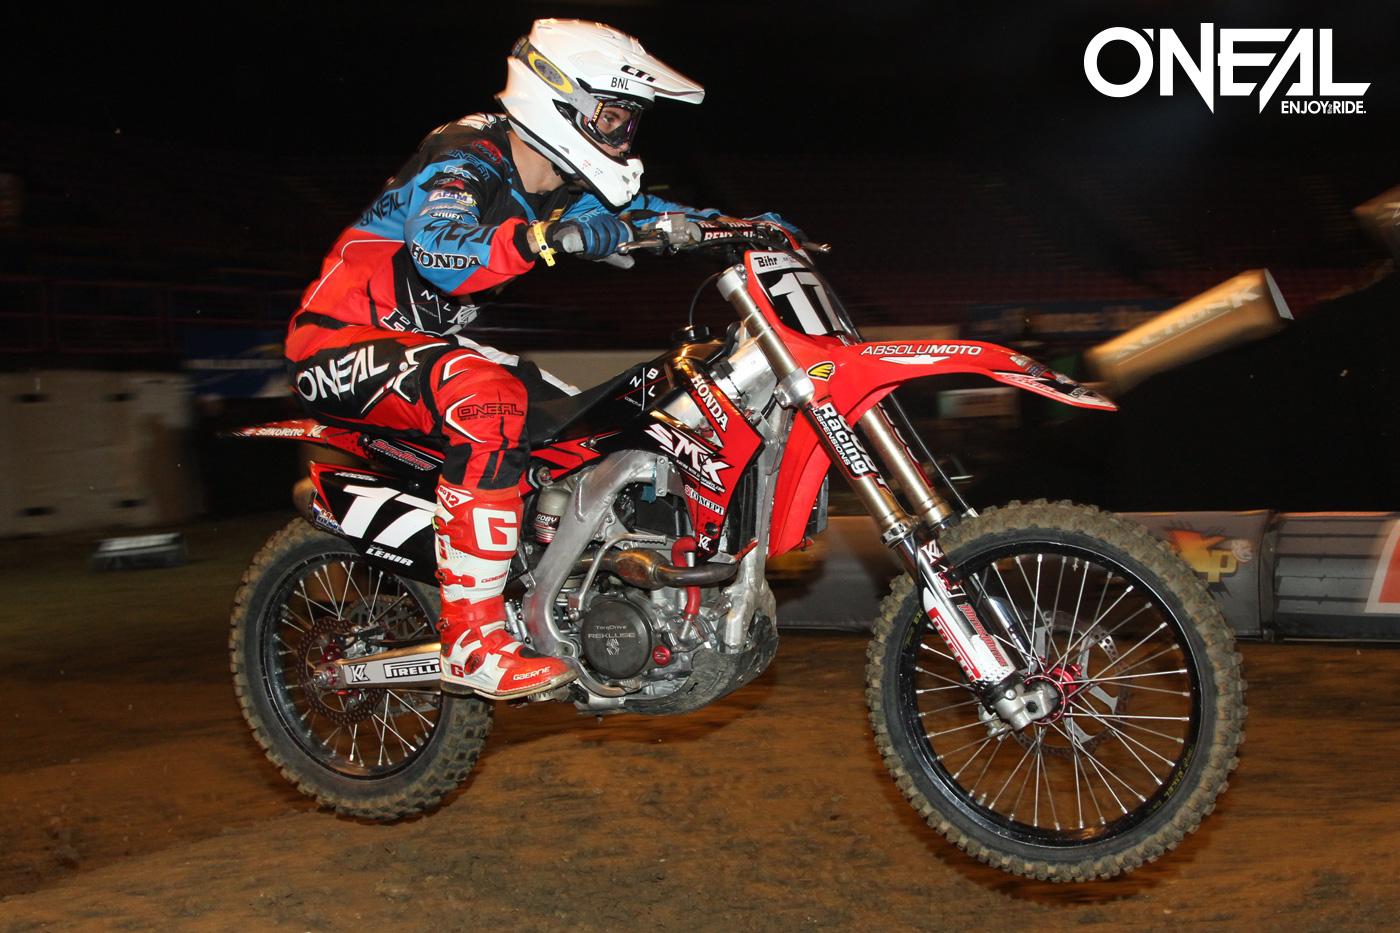 O'Neal Team Rider Gaetan Le Hir